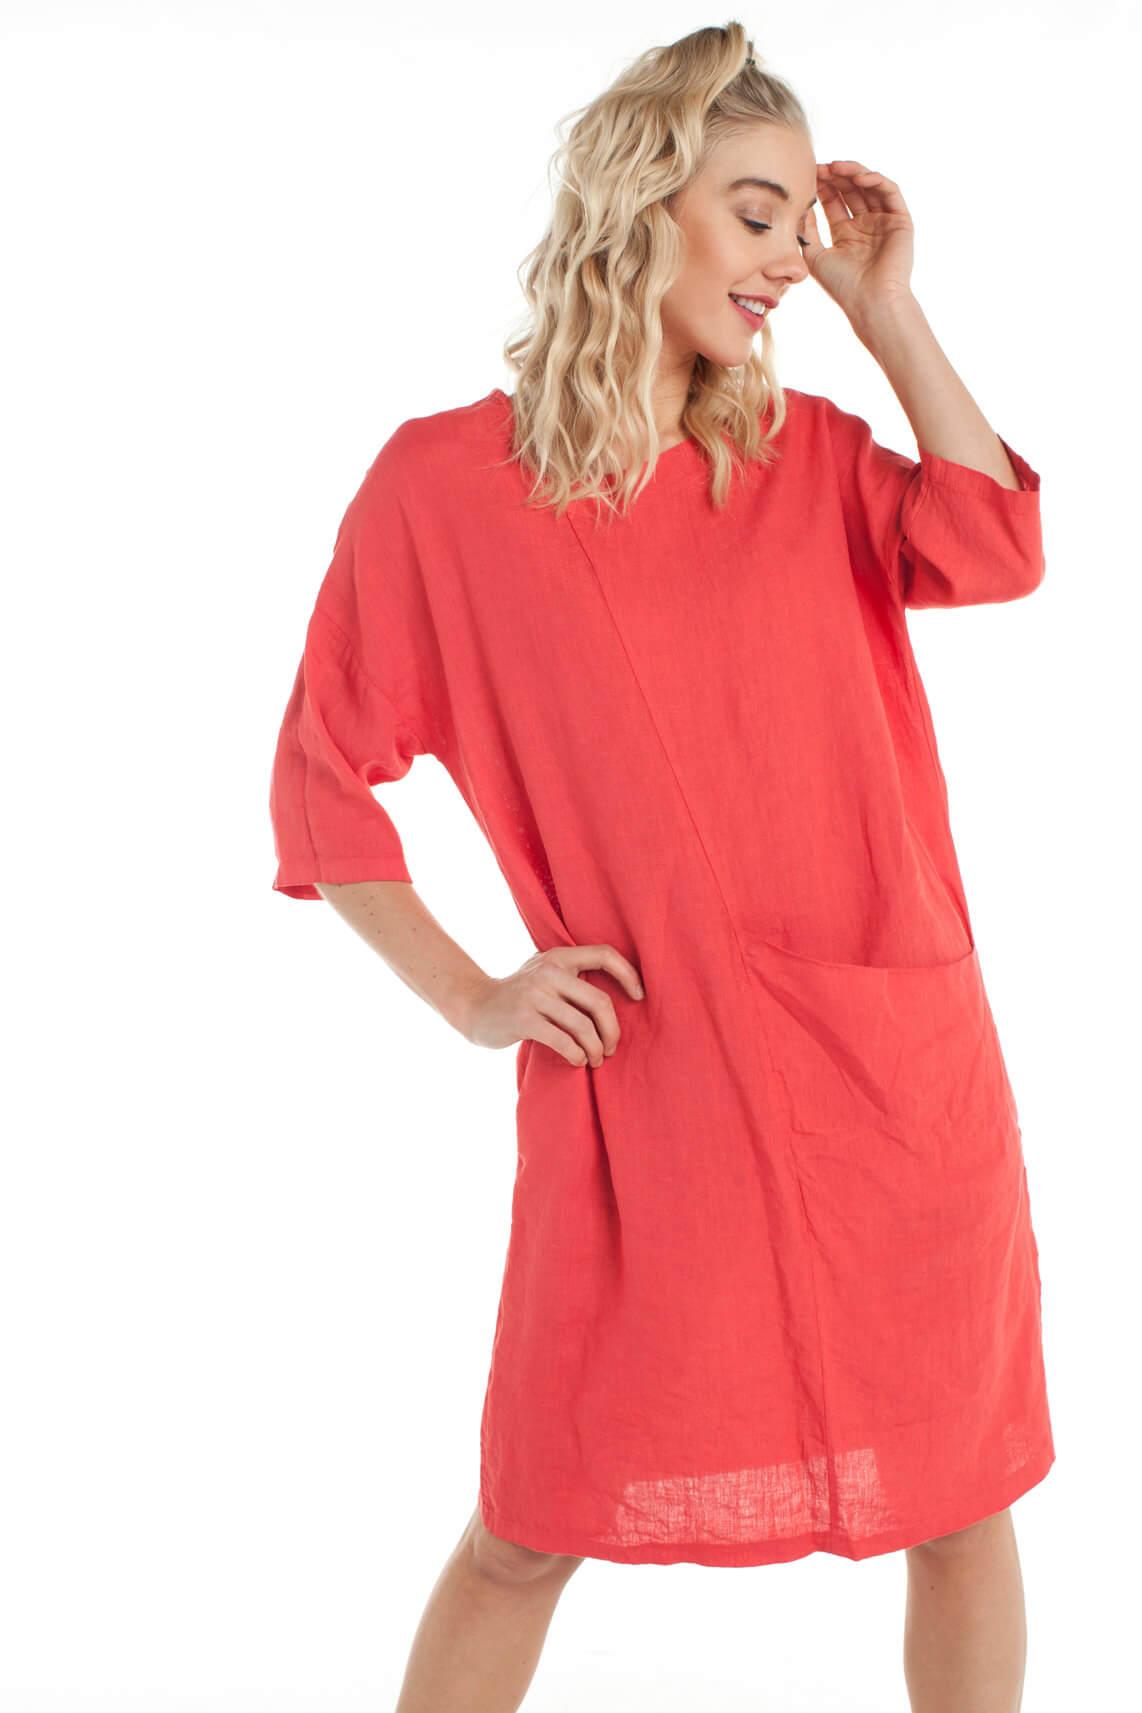 La Fée Maraboutée Dames Linnen jurk Rood